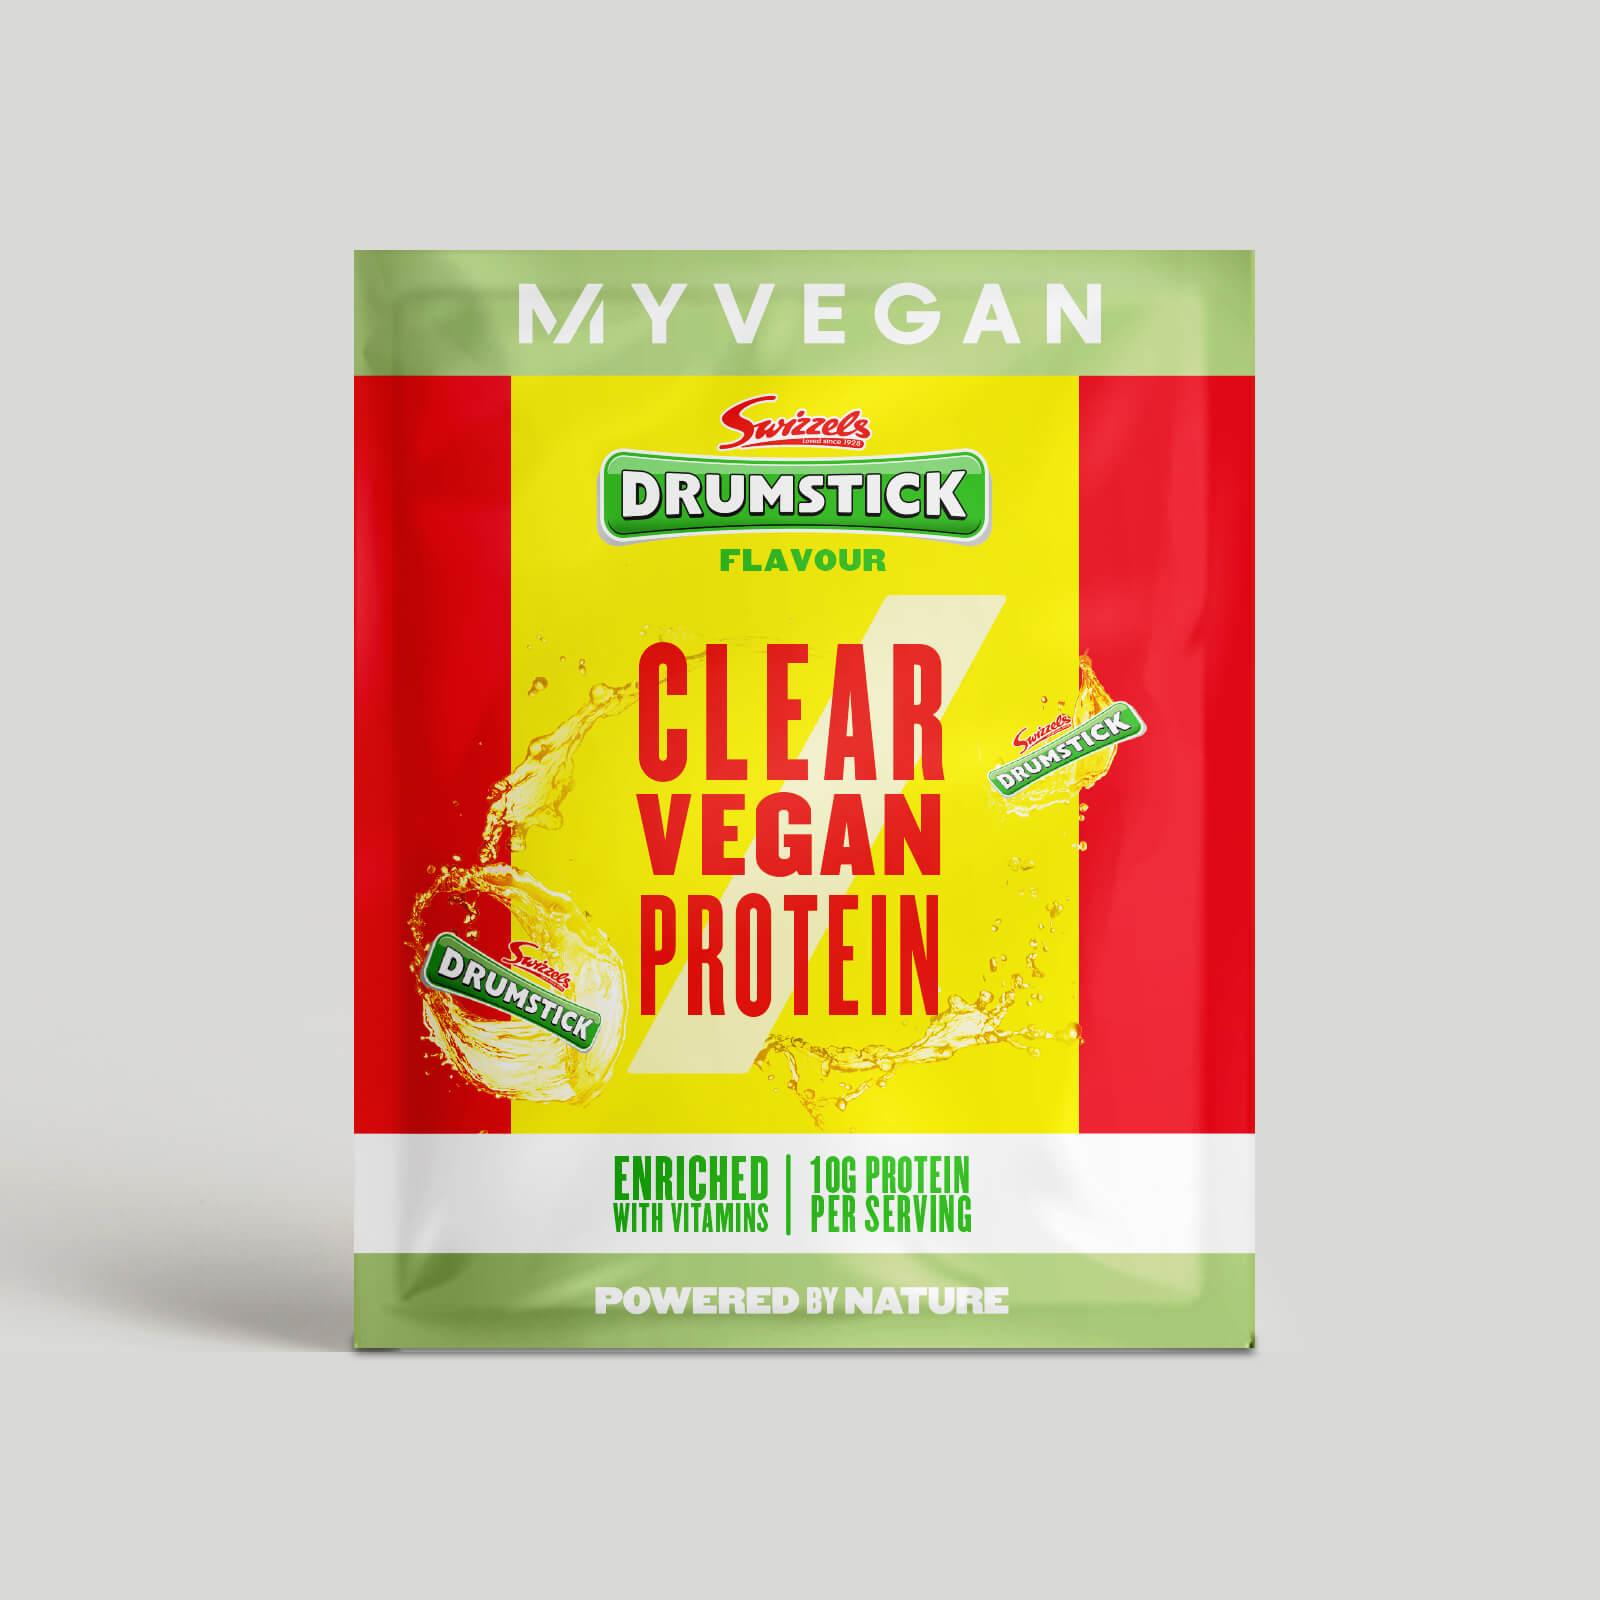 Myprotein Clear Vegan Protein – Swizzels (Sample) - Drumsticks